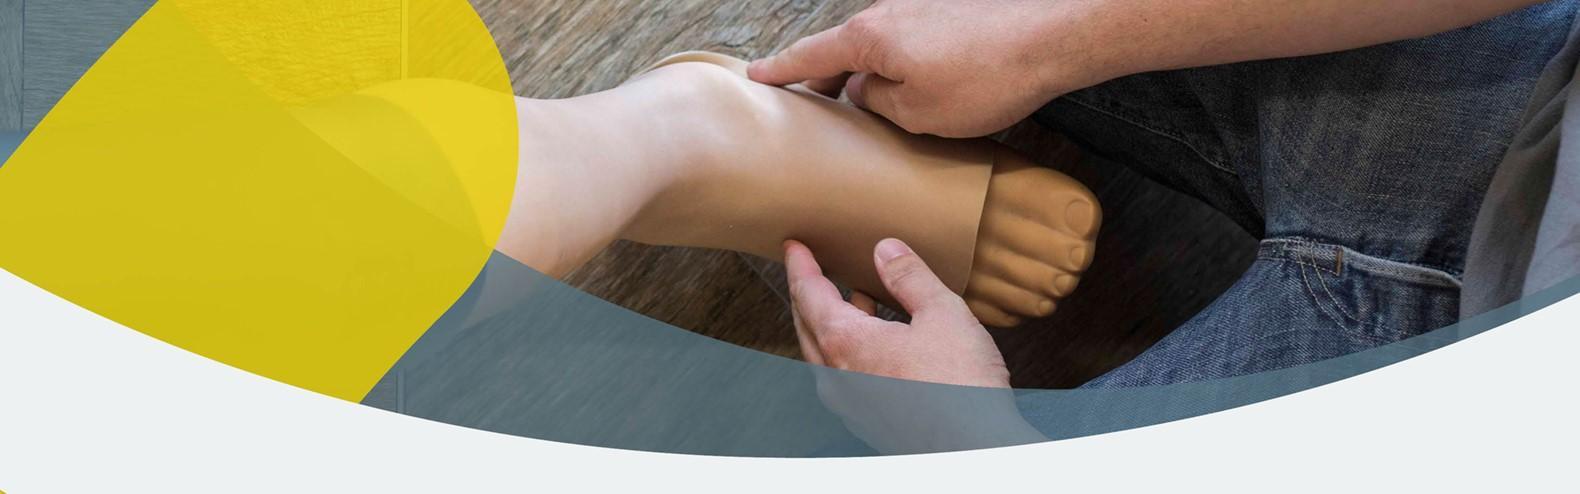 APT Prothesen mit Orthopädiemeister - Prothesen Franchise